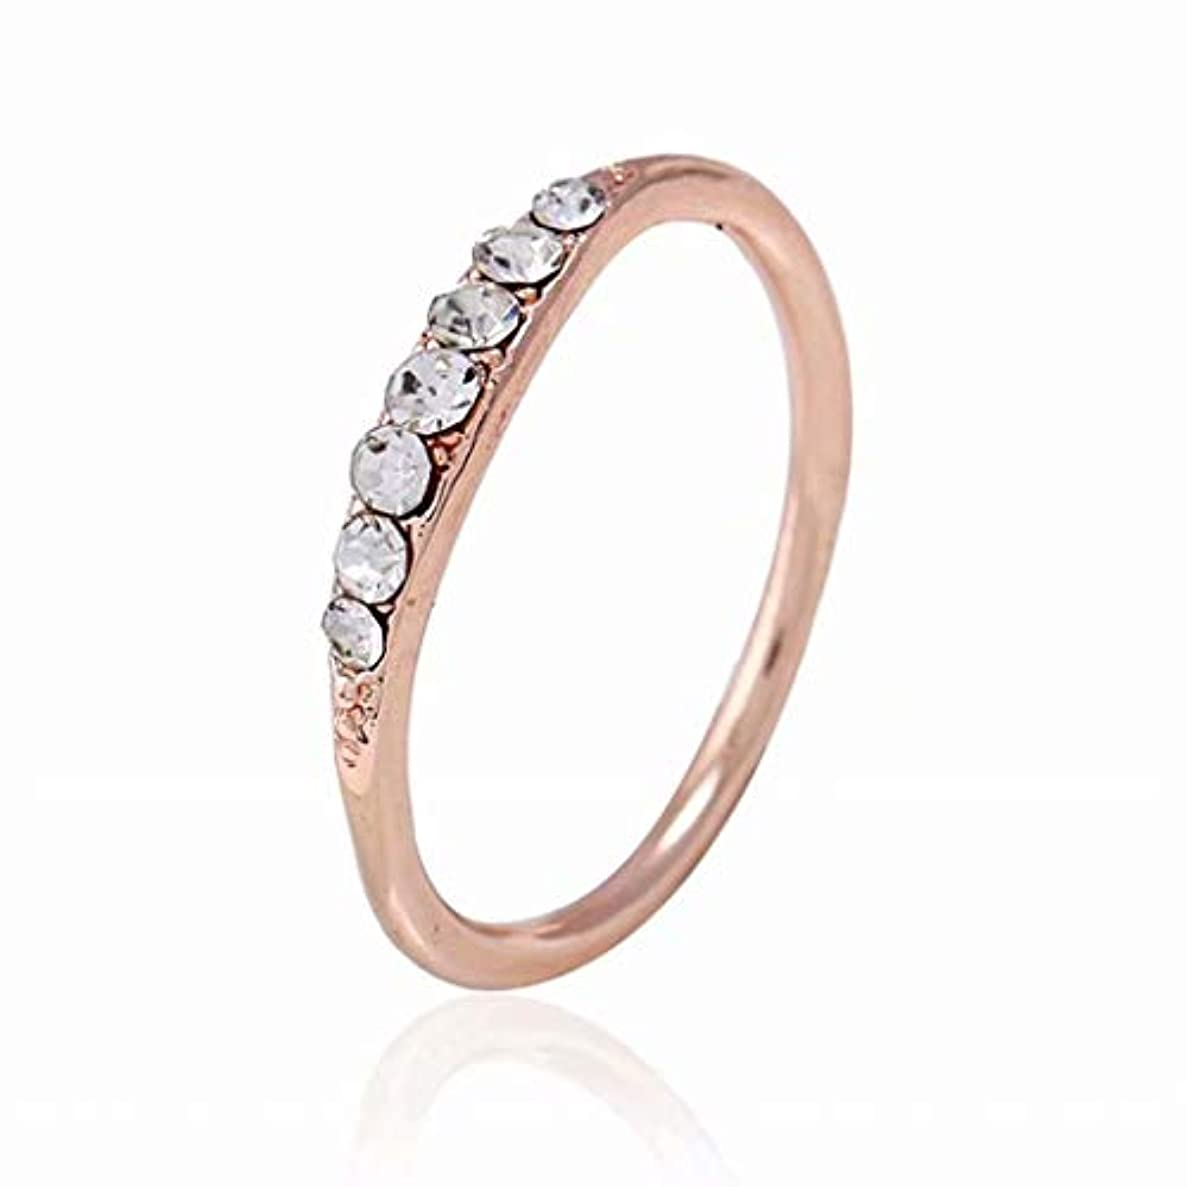 根拠負アマチュア七里の香 ダイアモンドの指輪 クリスタルエンゲージリング 結婚指輪